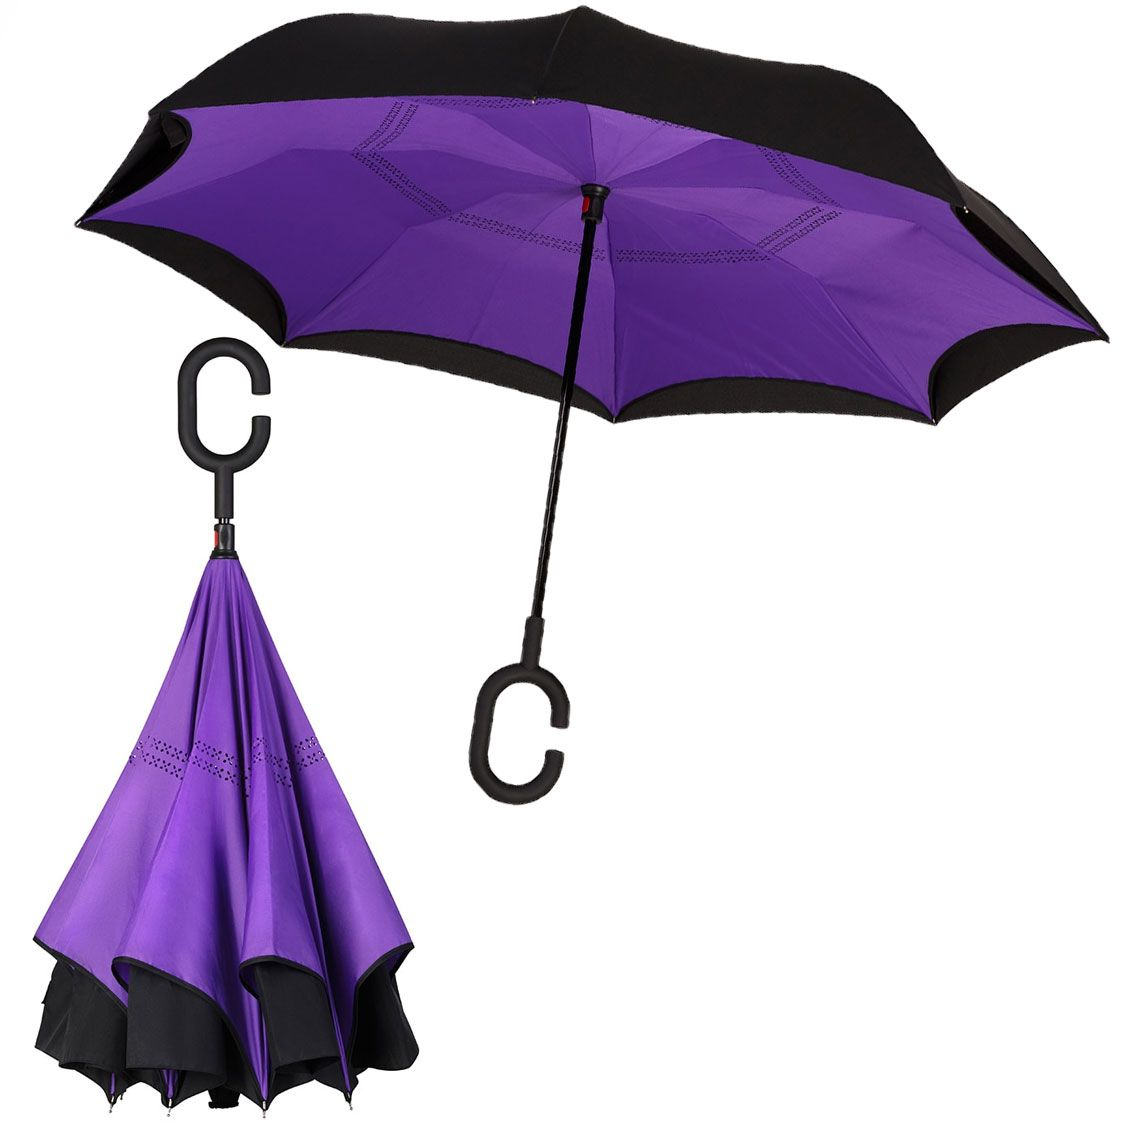 Зонт SmartZont Фиолет КлассикПодарки<br>Технологичный зонт SmartZont:<br> 1. Сухой после дождя. Всегда.<br> 2. Стоит сам по себе. Без всякой опоры. <br> 3. Ручка hands free. Свобода движений. <br> 4. Усиленная технология Антиветер. Невозможно сломать. <br> 5. Минимум места для открытия. И для закрытия то...<br>Размер: 86 см; Объем: None; Материал: Стекло; Цвет: Фиолетовый;